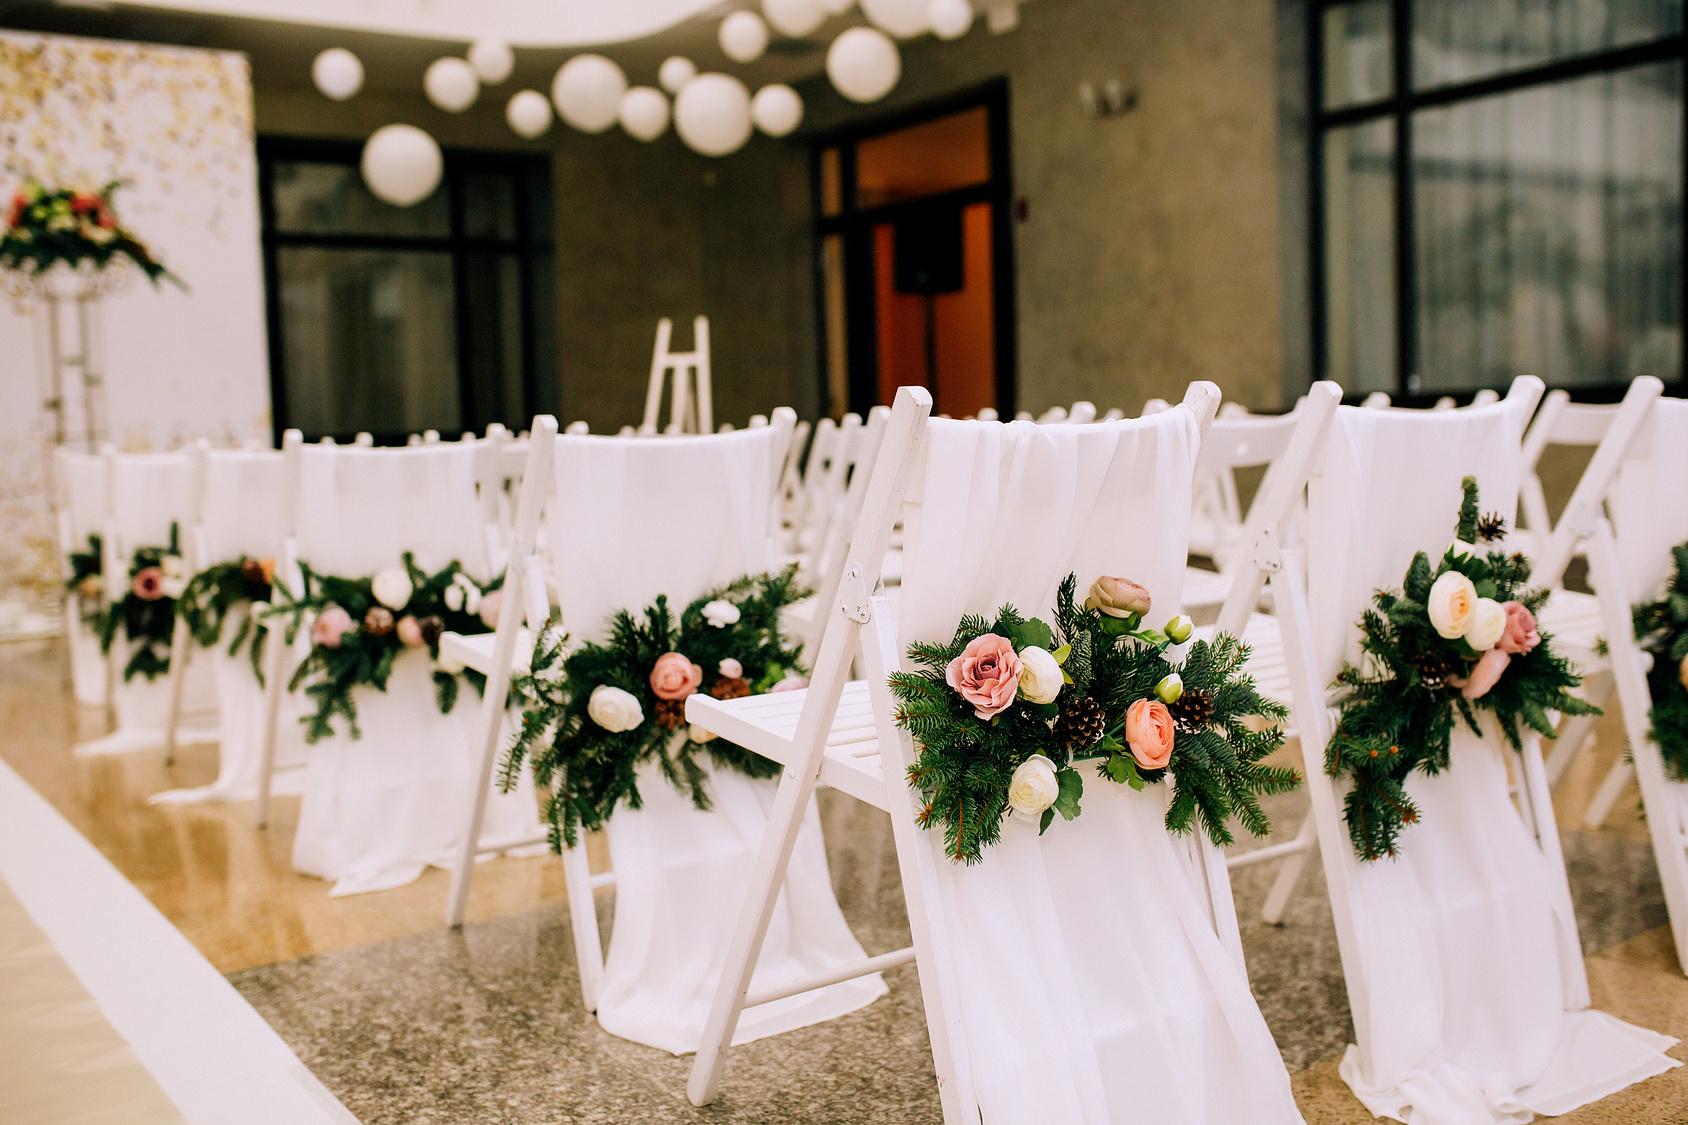 Białe krzesła z kwiatkami  na sal weselnej